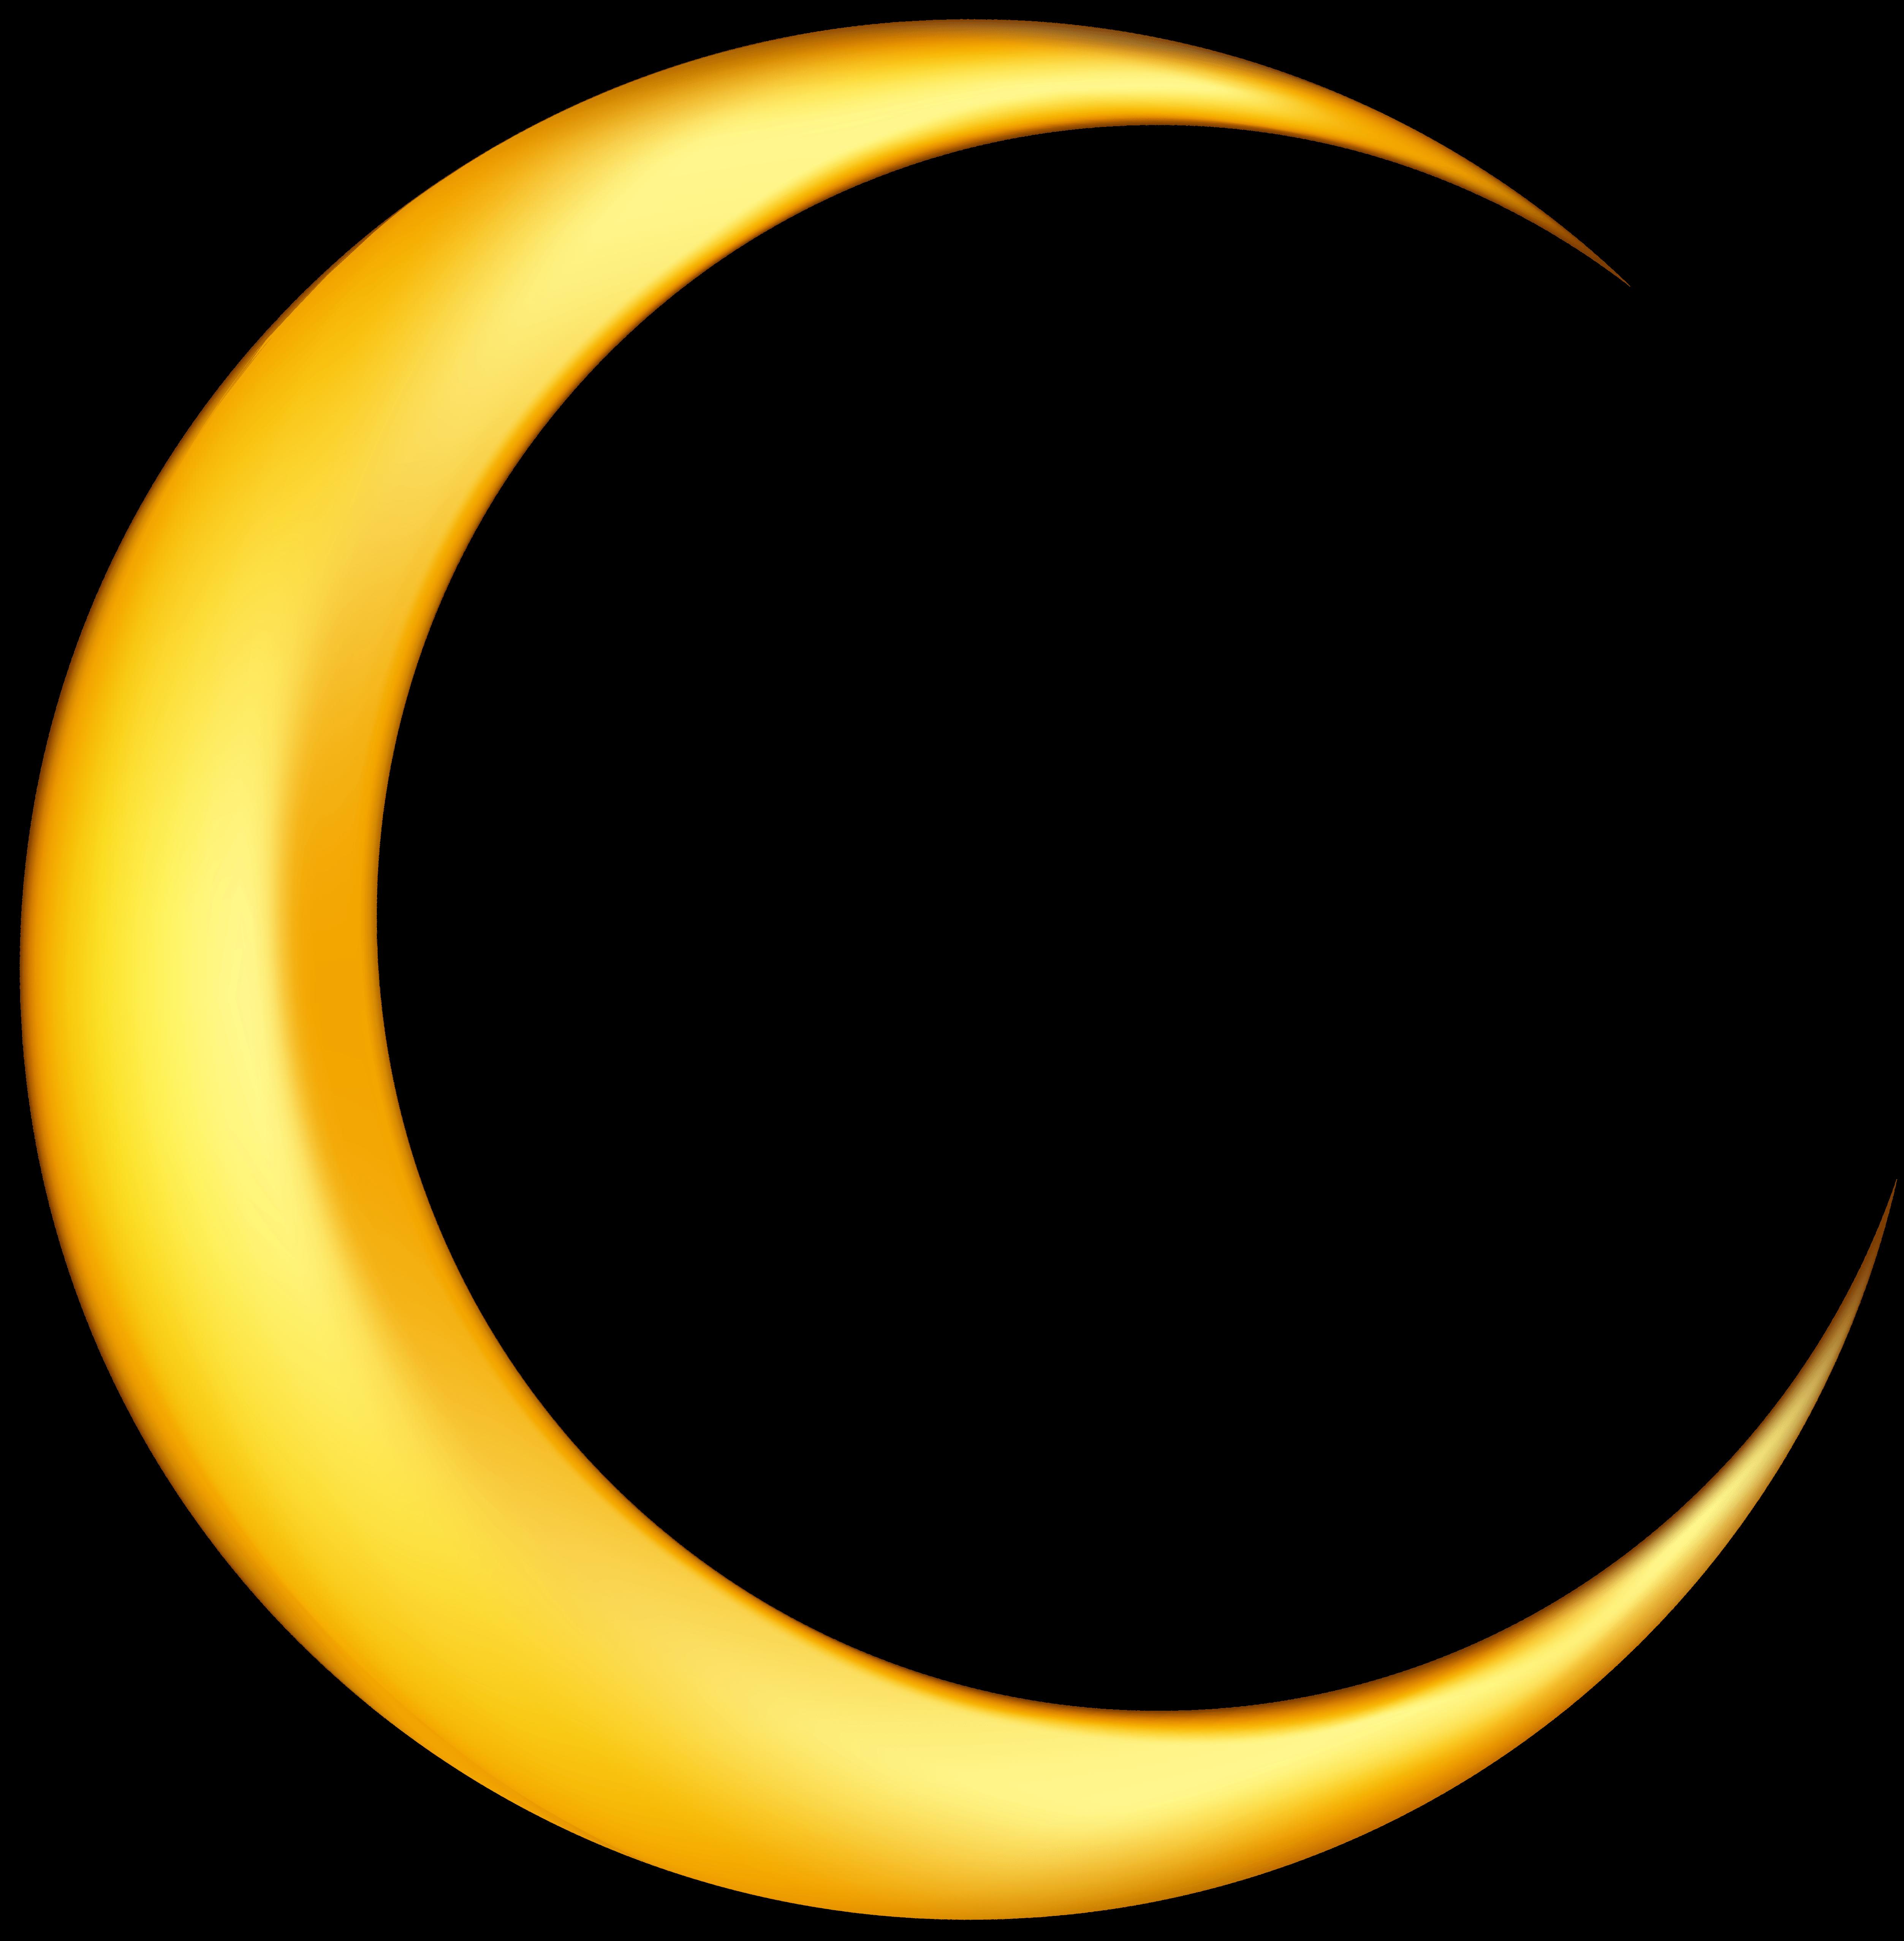 5011x5108 Moon Moon Cliparts